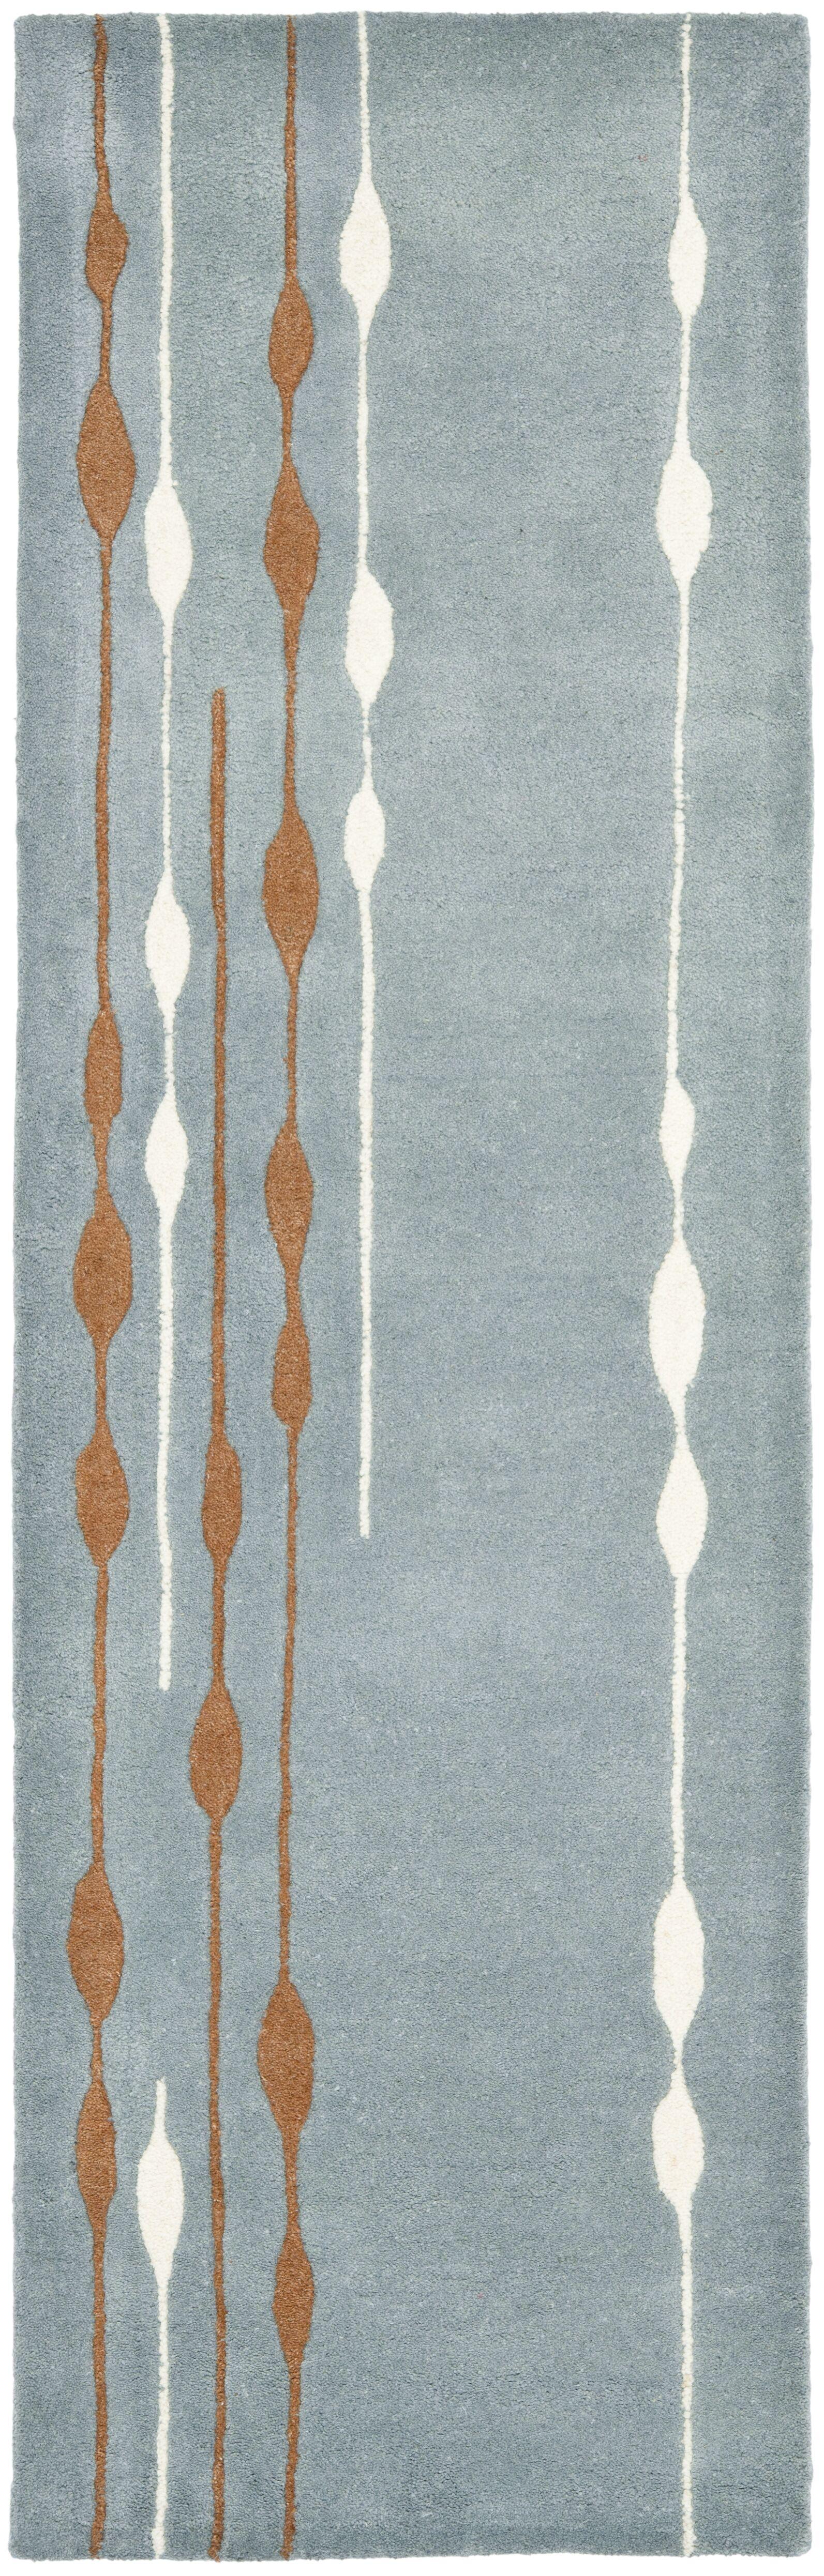 Amarion Blue/Multi Rug Rug Size: Runner 2'6